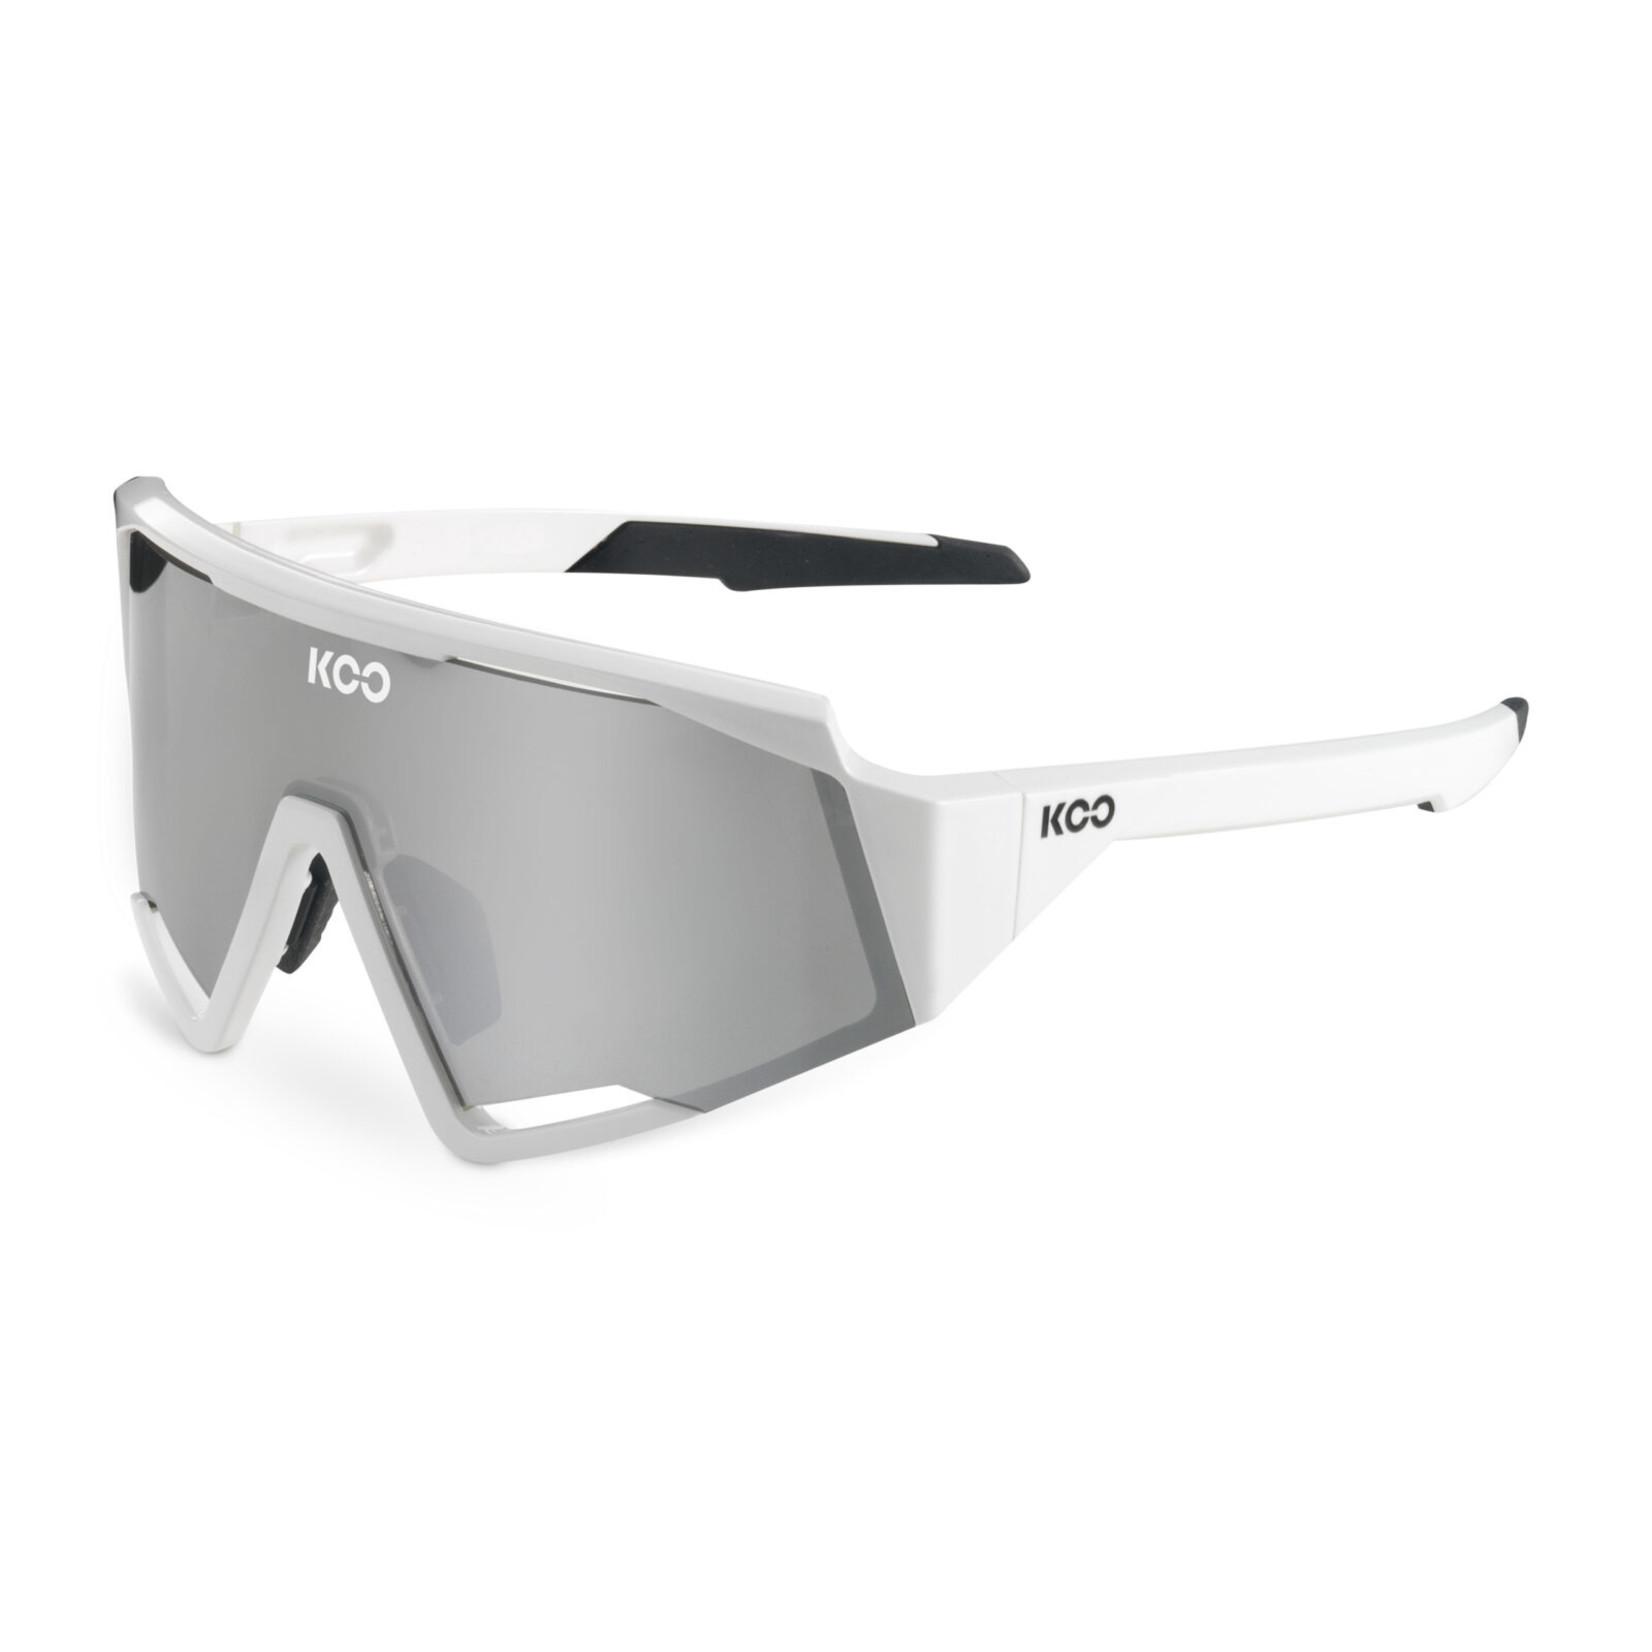 KOO SPECTRO - White/Silver UNI